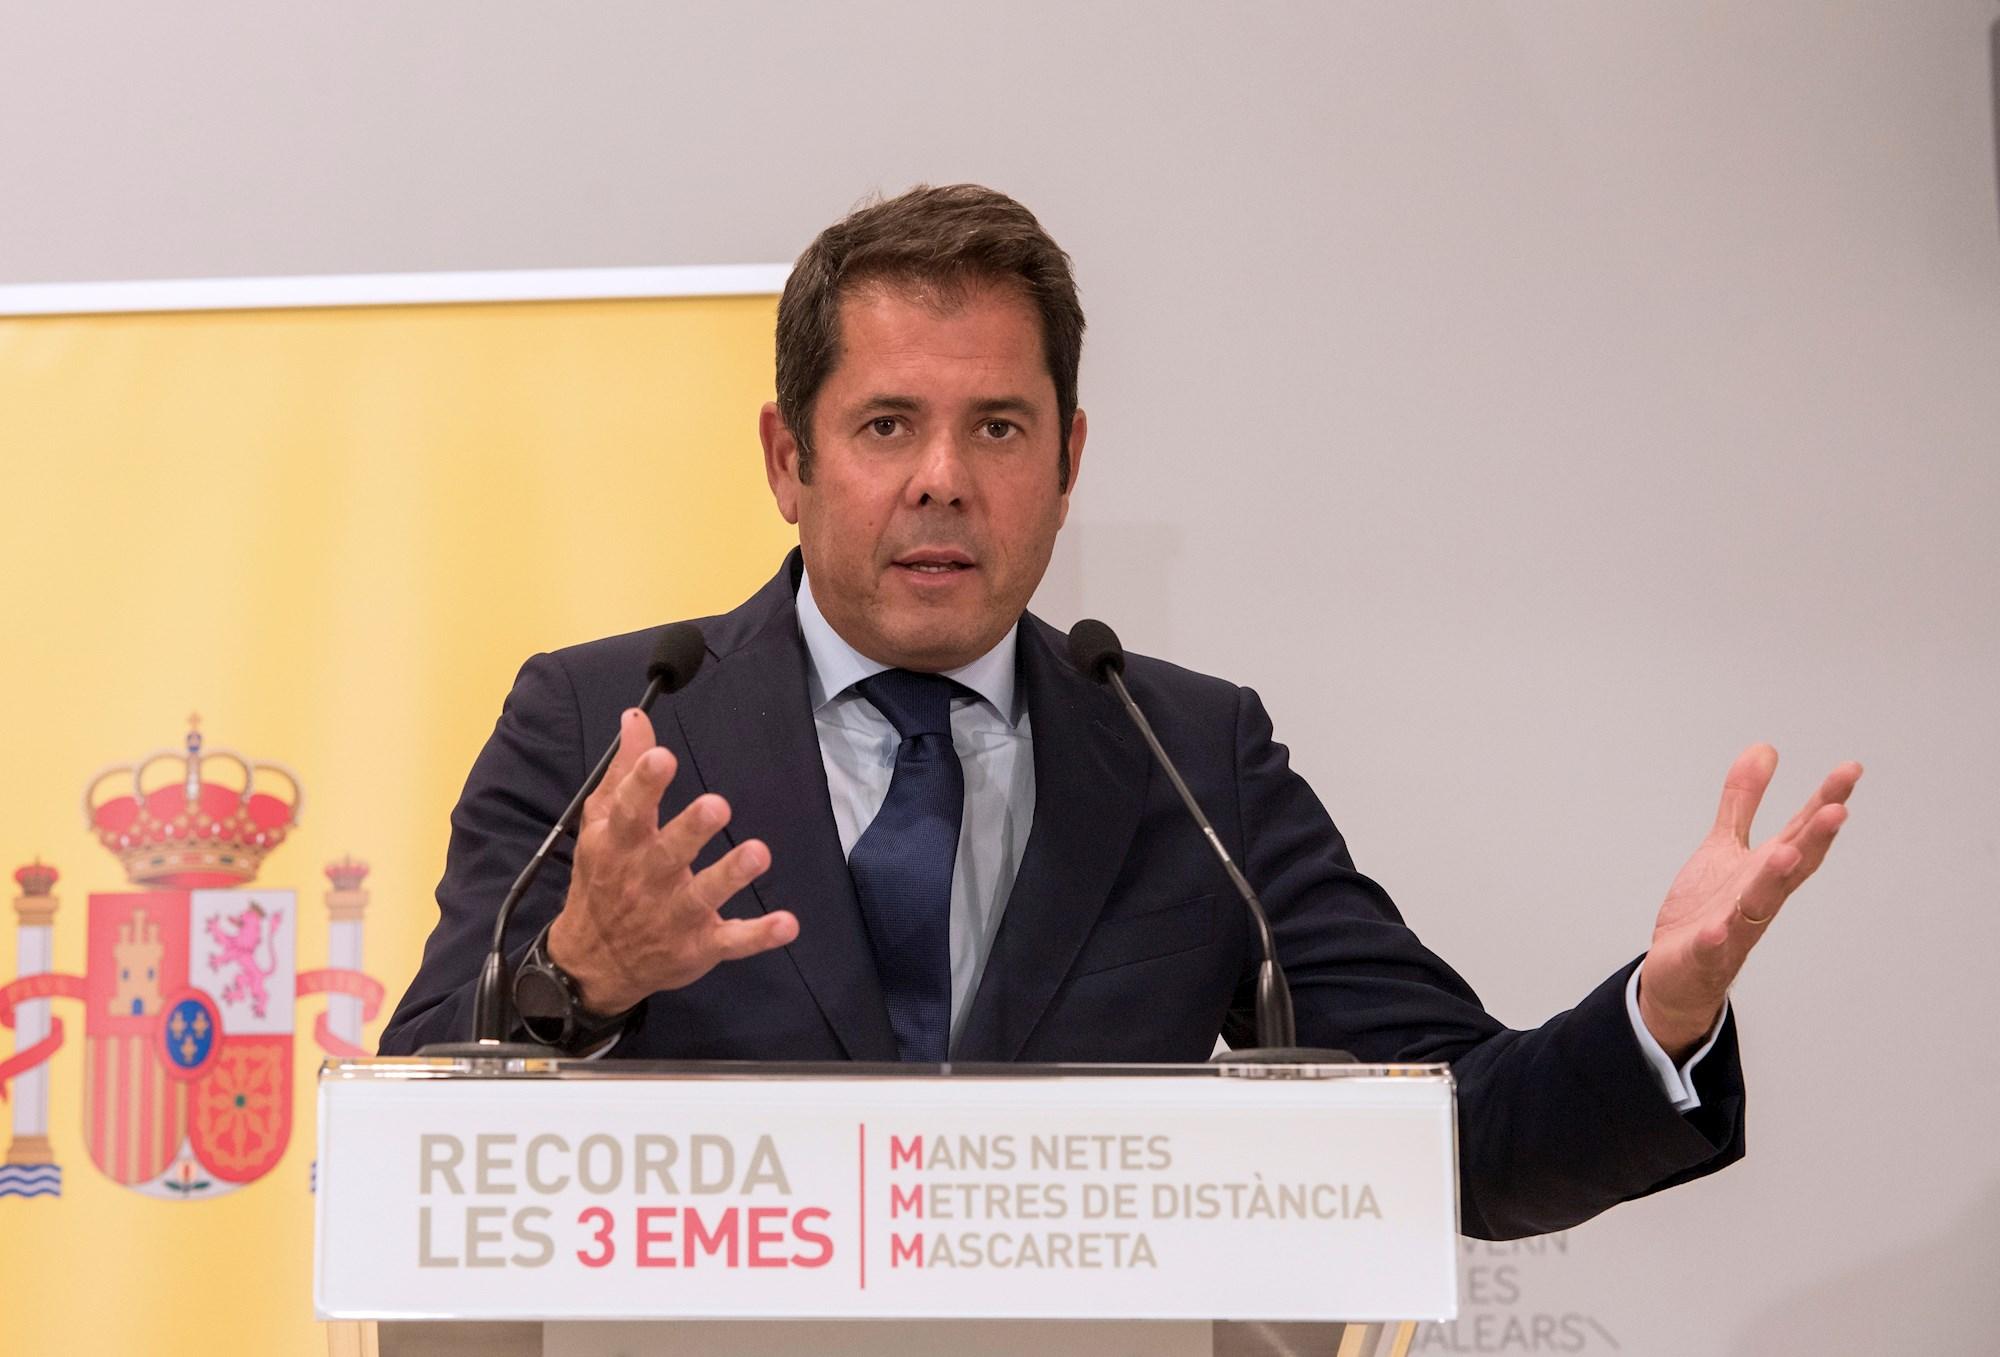 El presidente de CEPYME, Gerardo Cuerva, interviene en rueda de prensa. EFE/ATIENZA/Archivo